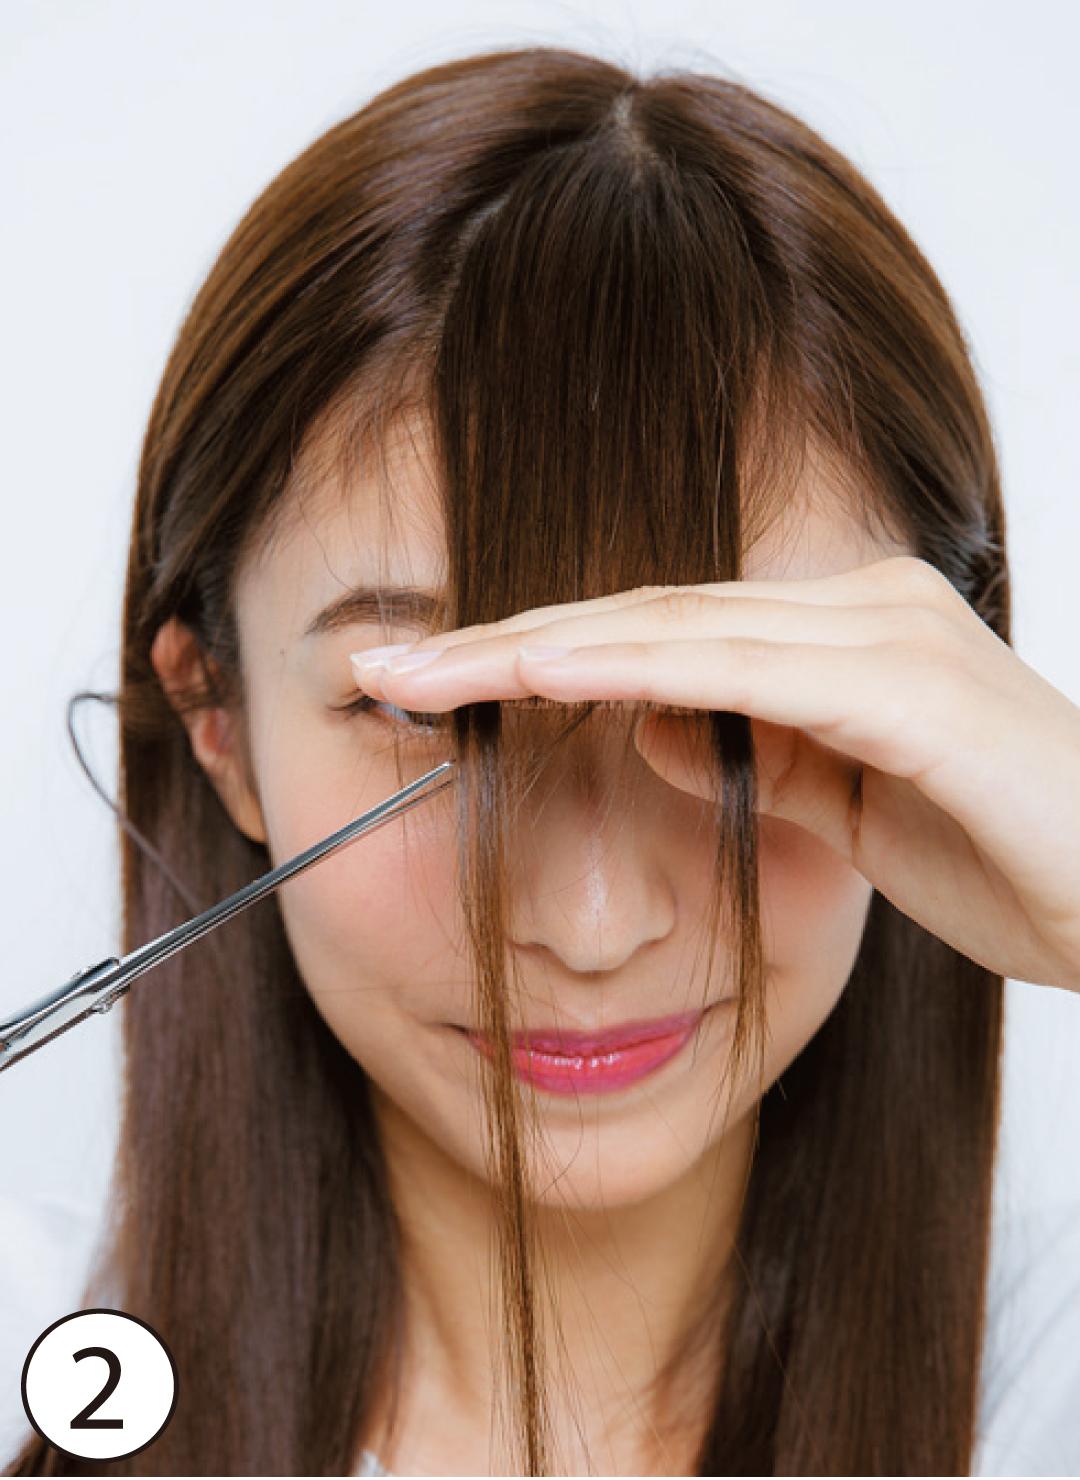 顔型別・前髪セルフカットで小顔! 切り方&スタイリング術も伝授♪_1_10-2